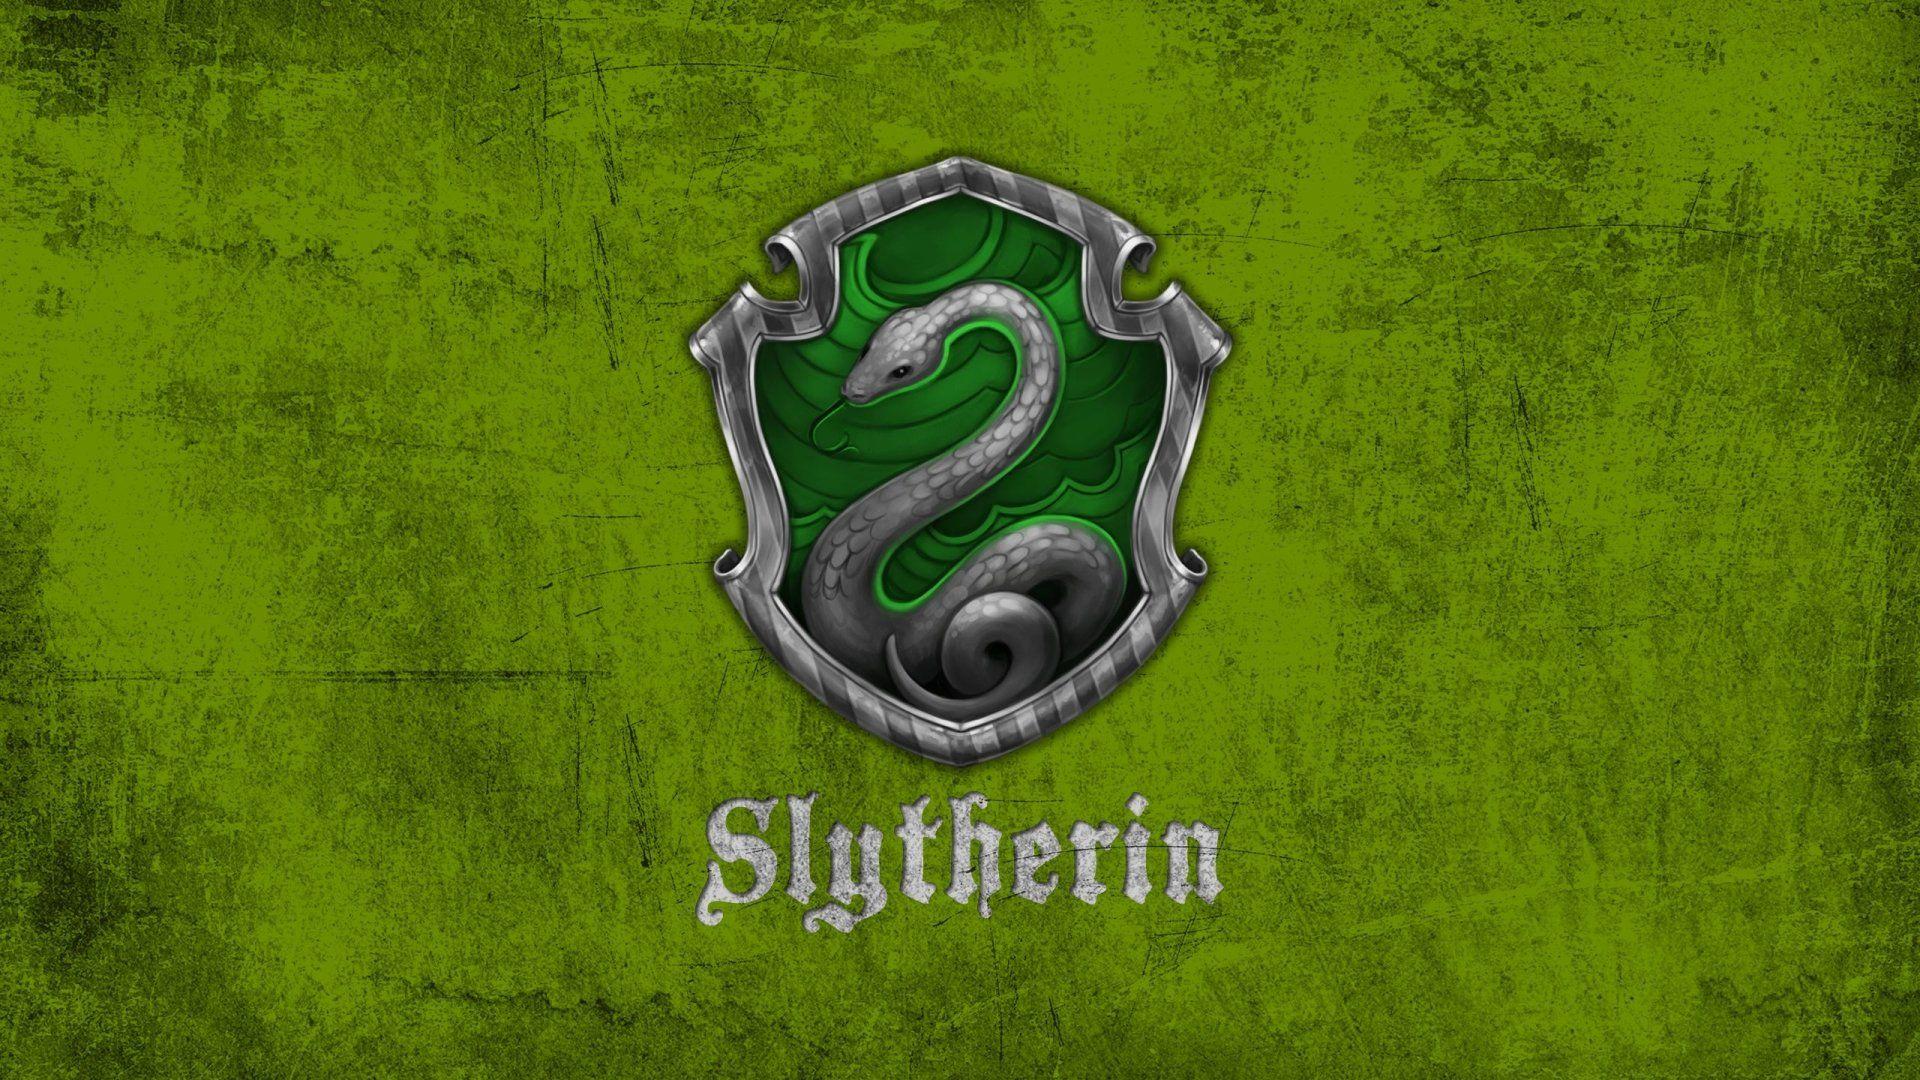 电影 哈利·波特 Slytherin (Harry Potter) 蛇 壁纸 Harry potter